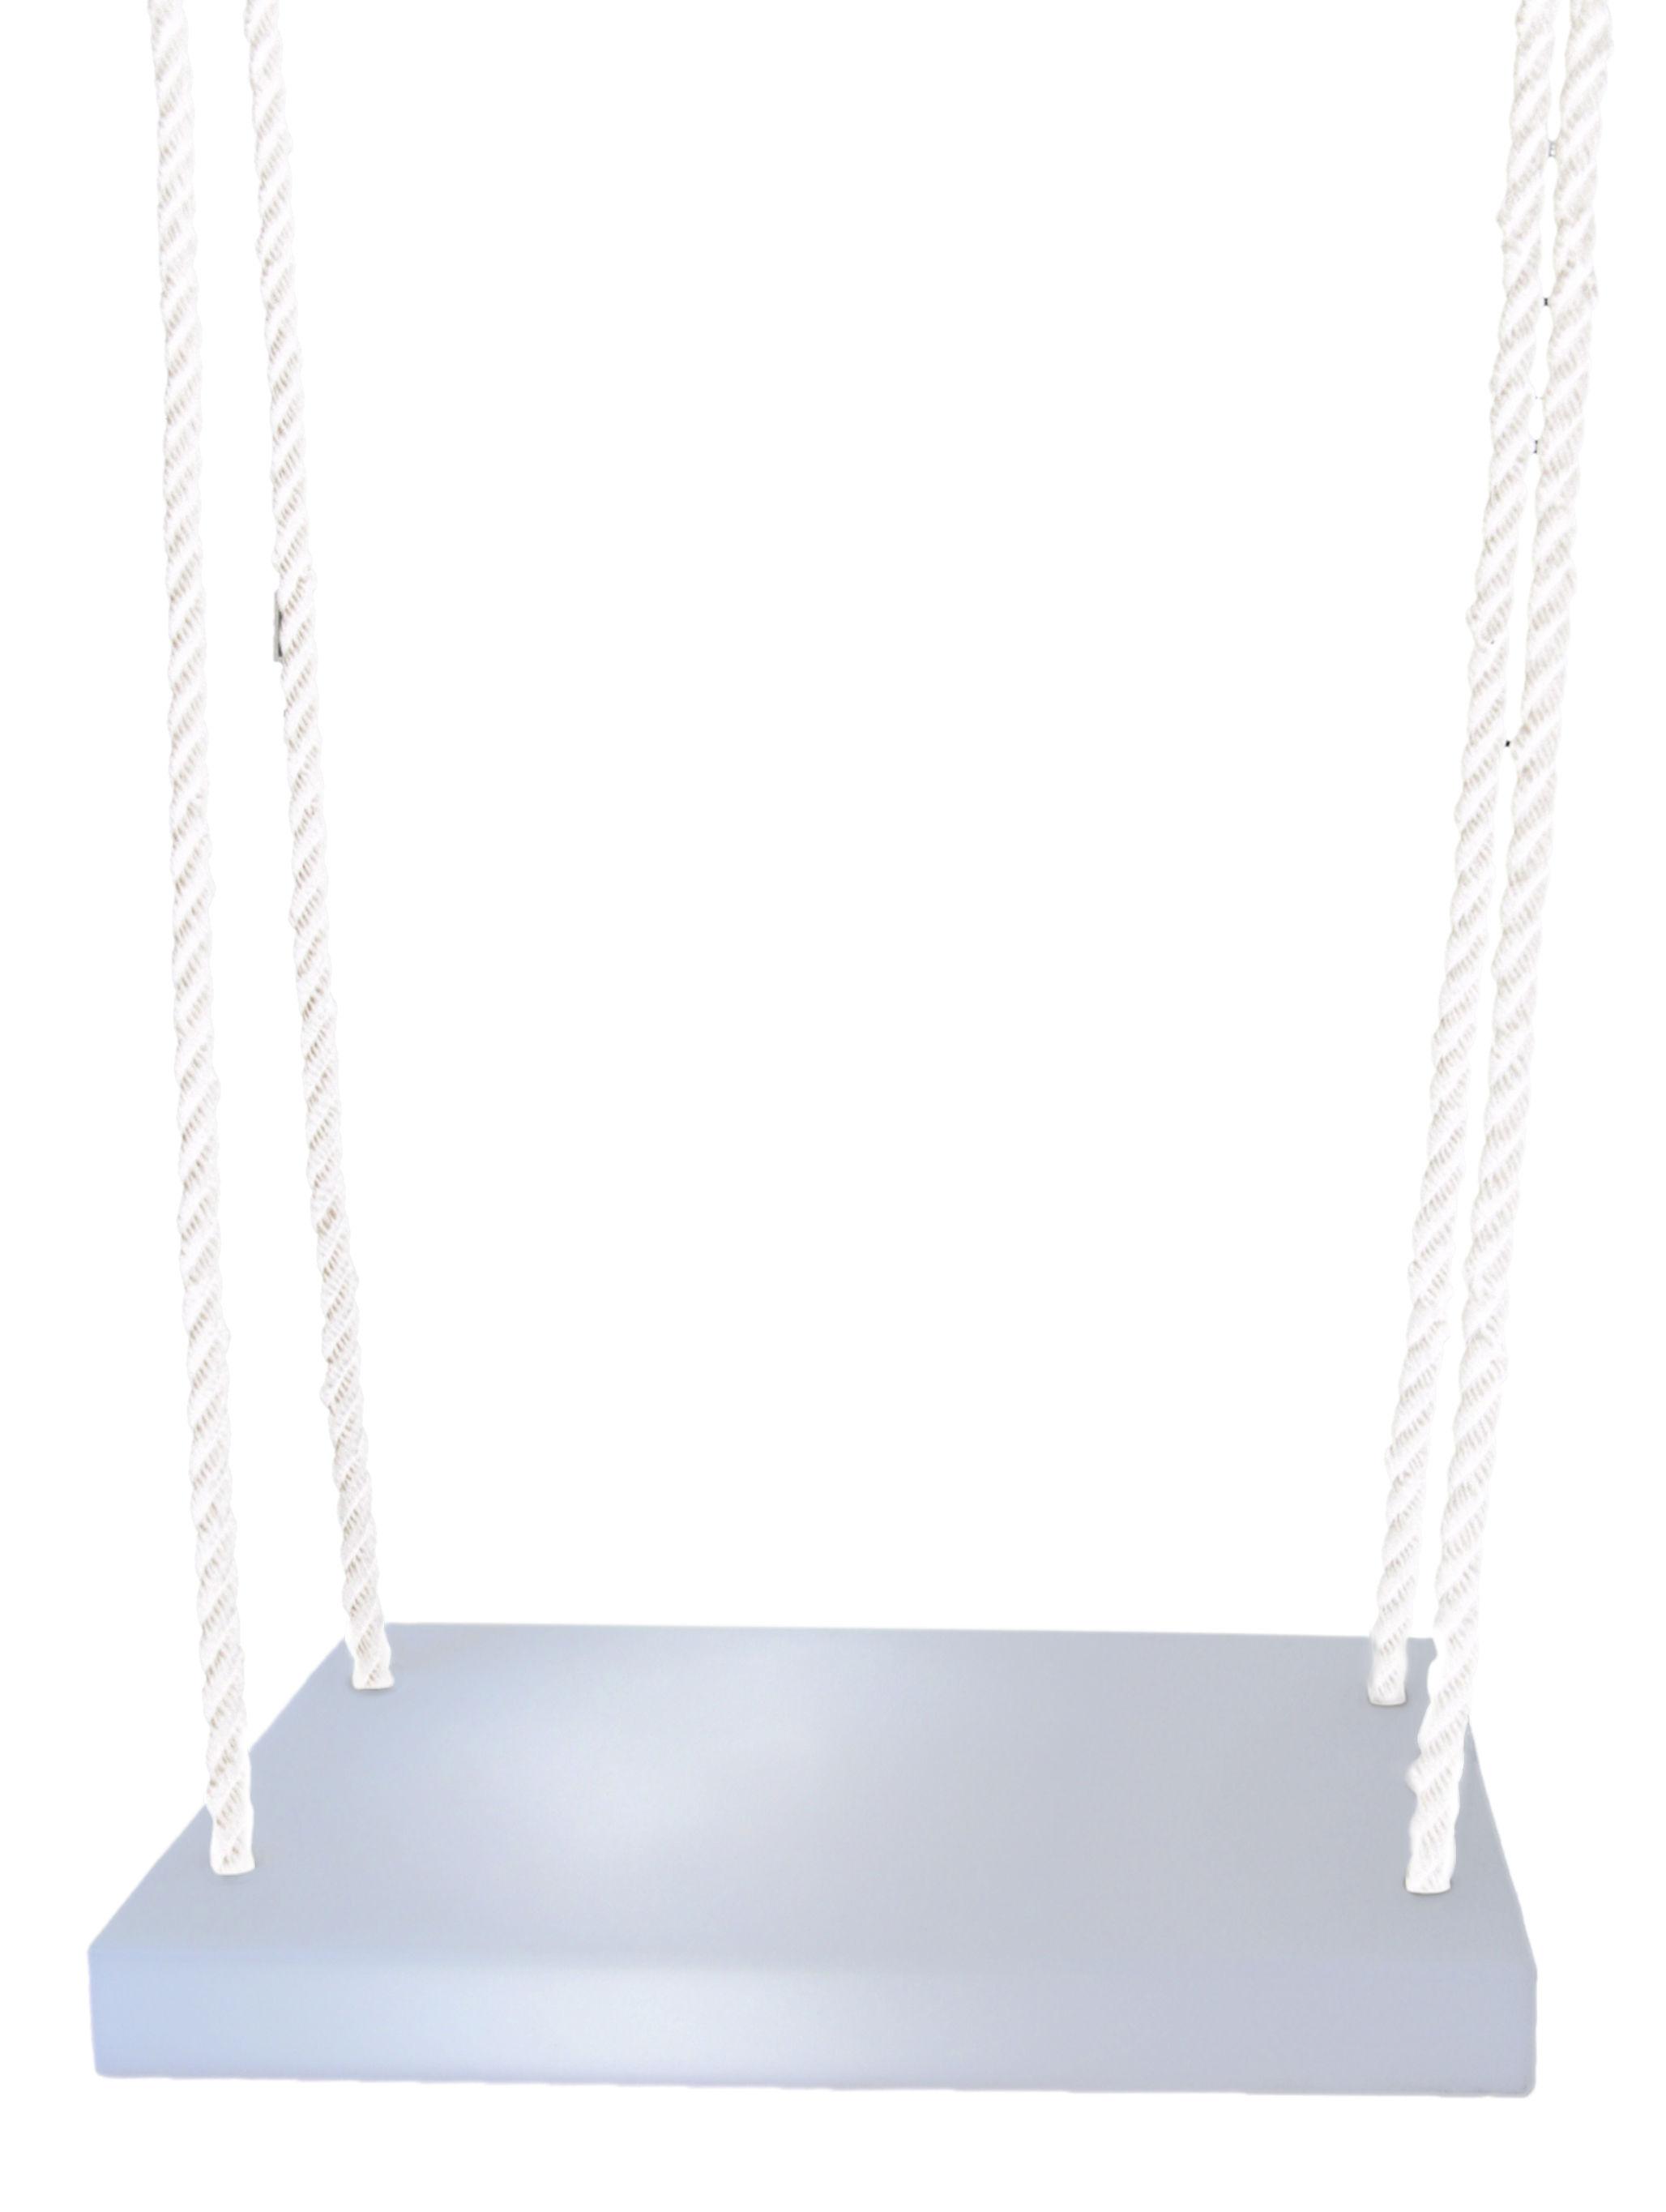 Outdoor - Decorazioni e accessori - Altalena Altalena di Slide - Bianco / Corda bianca - Nylon, Polietilene